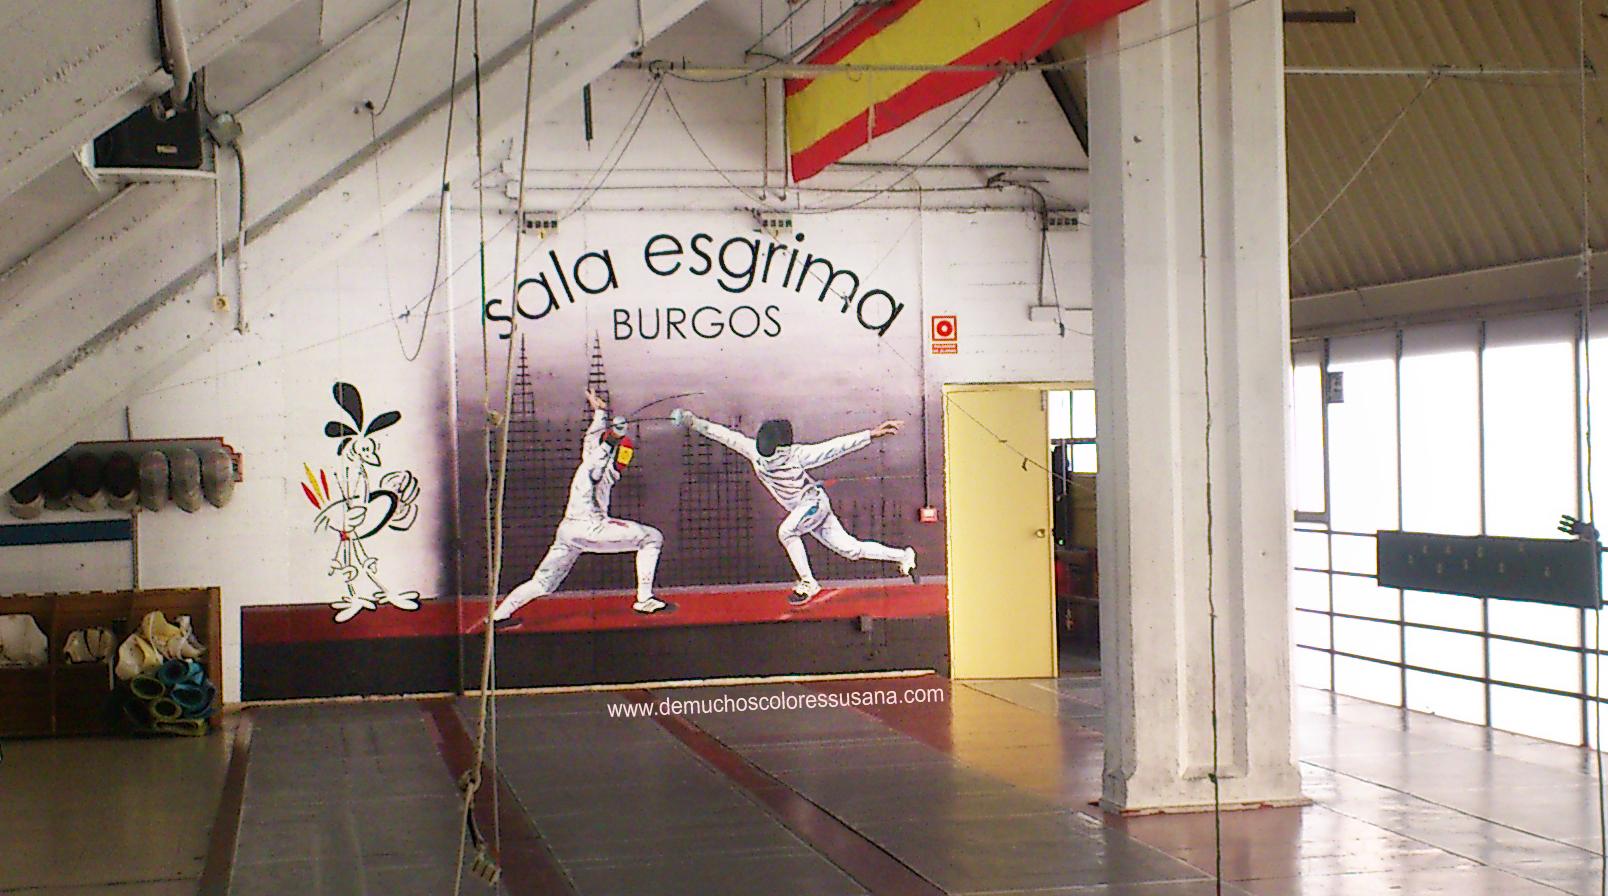 SALA ESGRIMA BURGOS